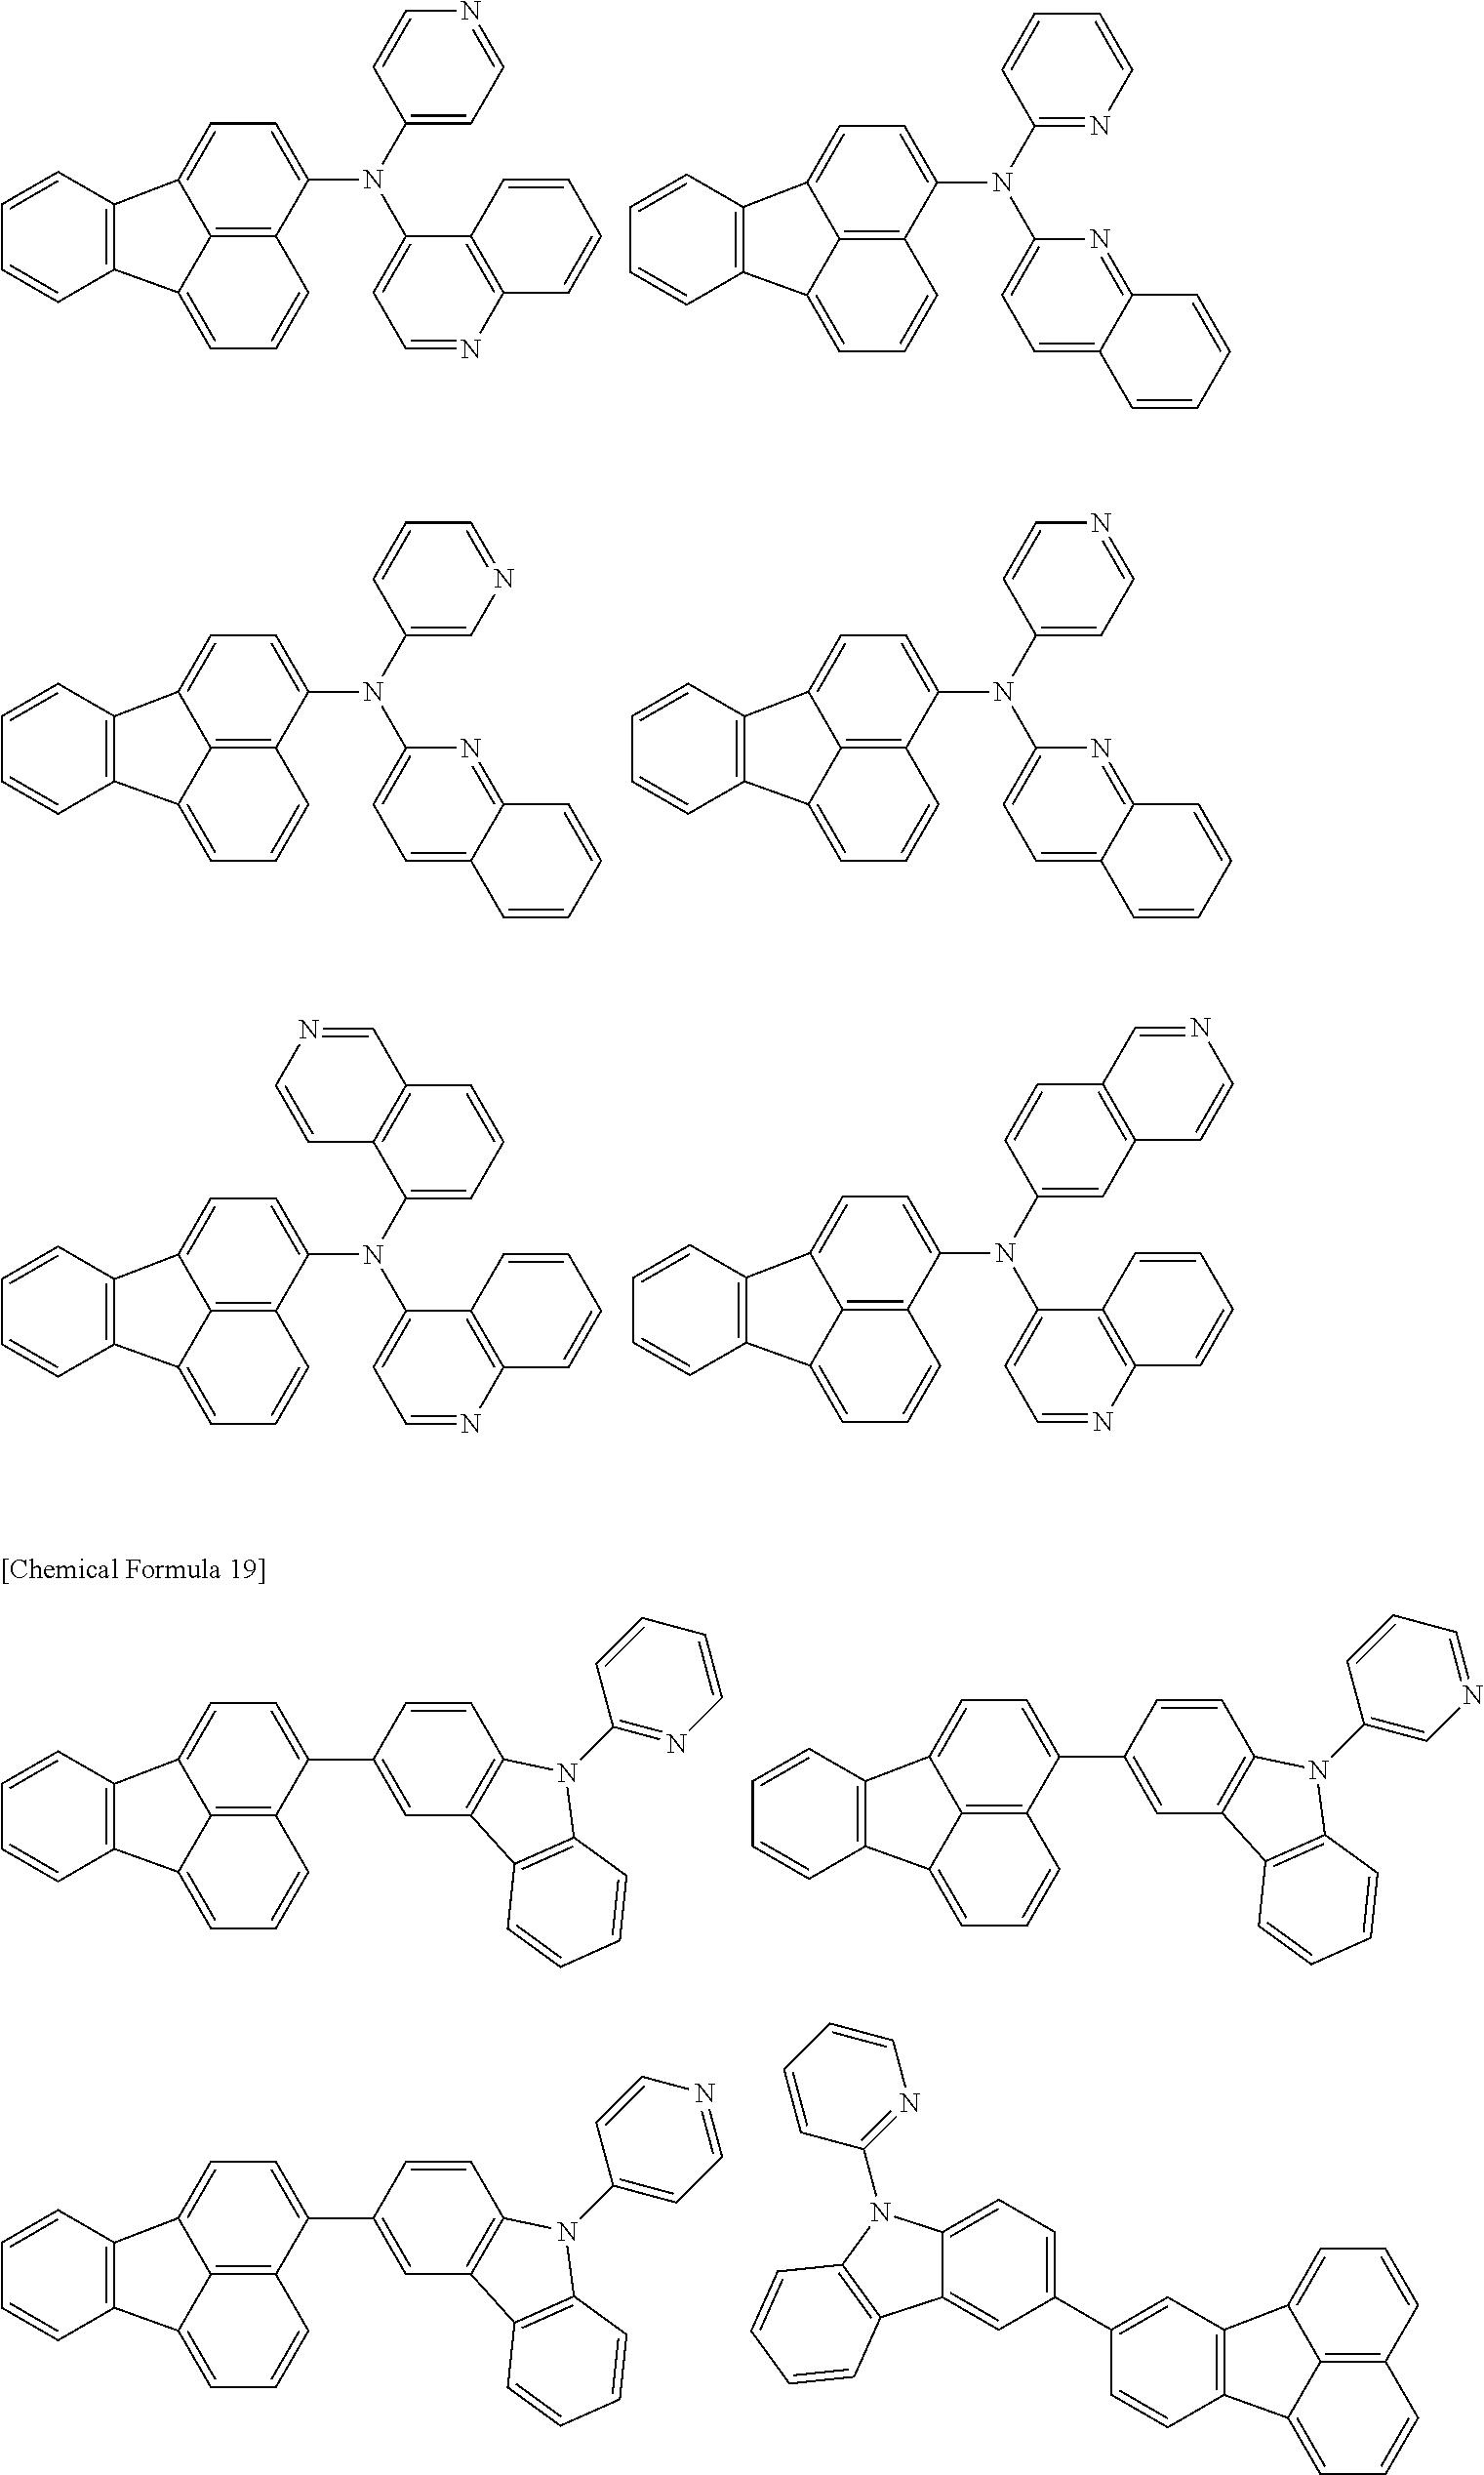 Figure US20150280139A1-20151001-C00042